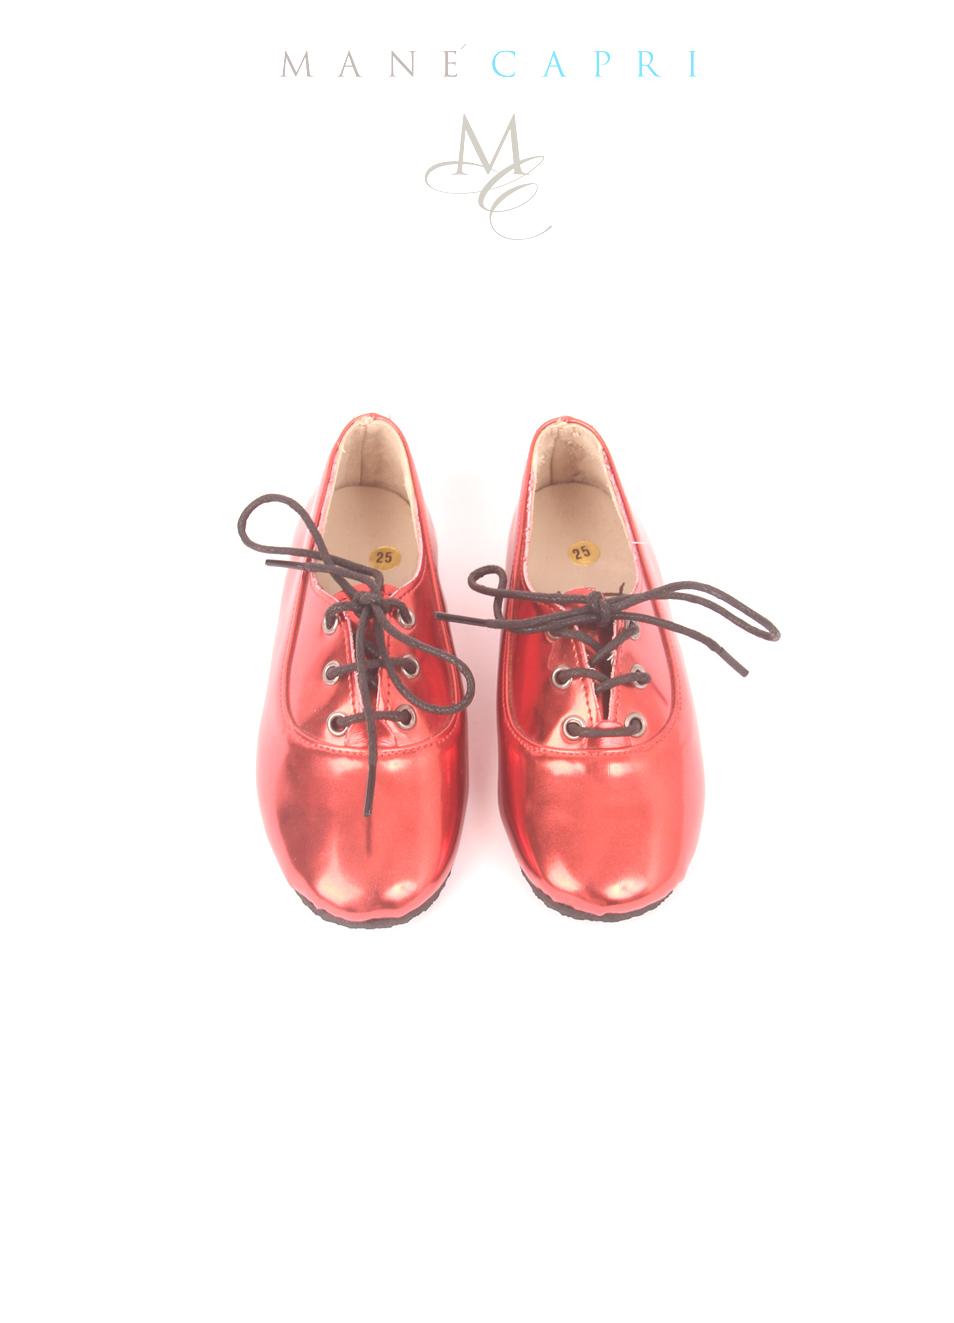 carina 100% originale Acquista autentico Scarpe da bambina rosse in pelle lucida